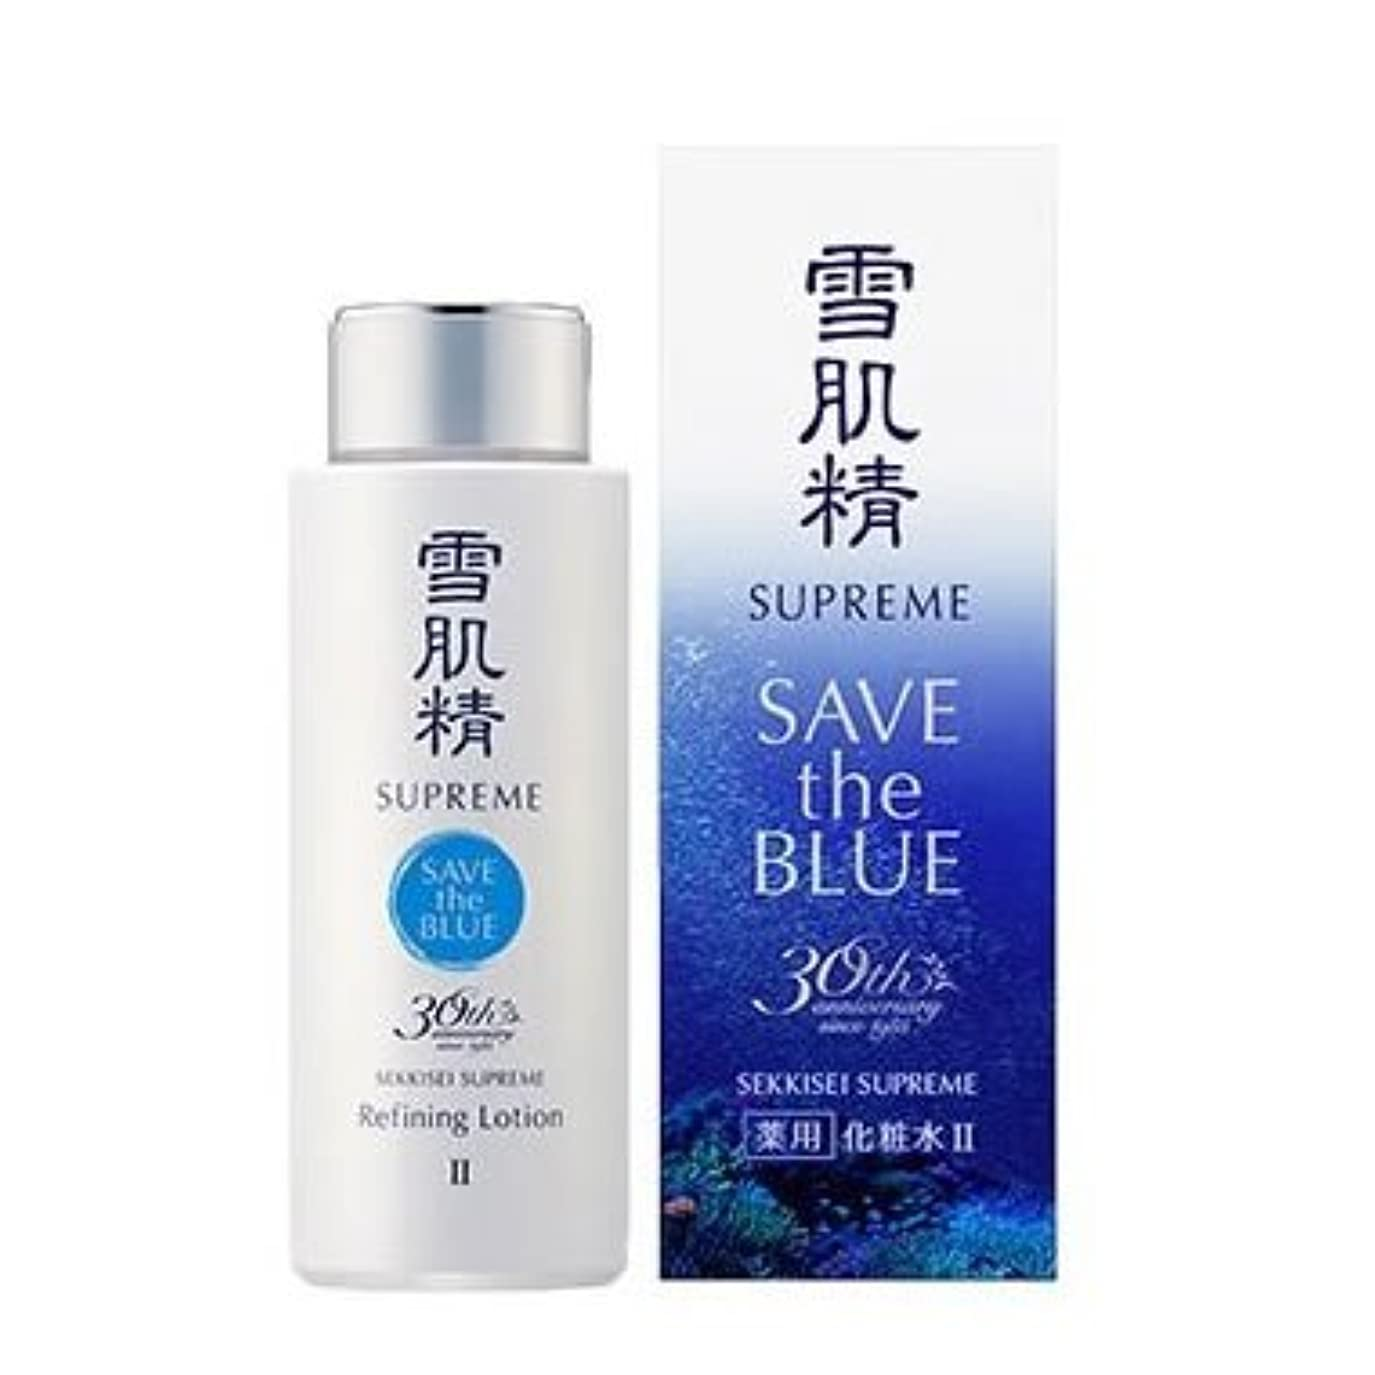 経済的資産偏見コーセー 雪肌精シュープレム 化粧水 II 400ml 限定ボトル SAVE the BLUE 30th Anniversary [並行輸入品]